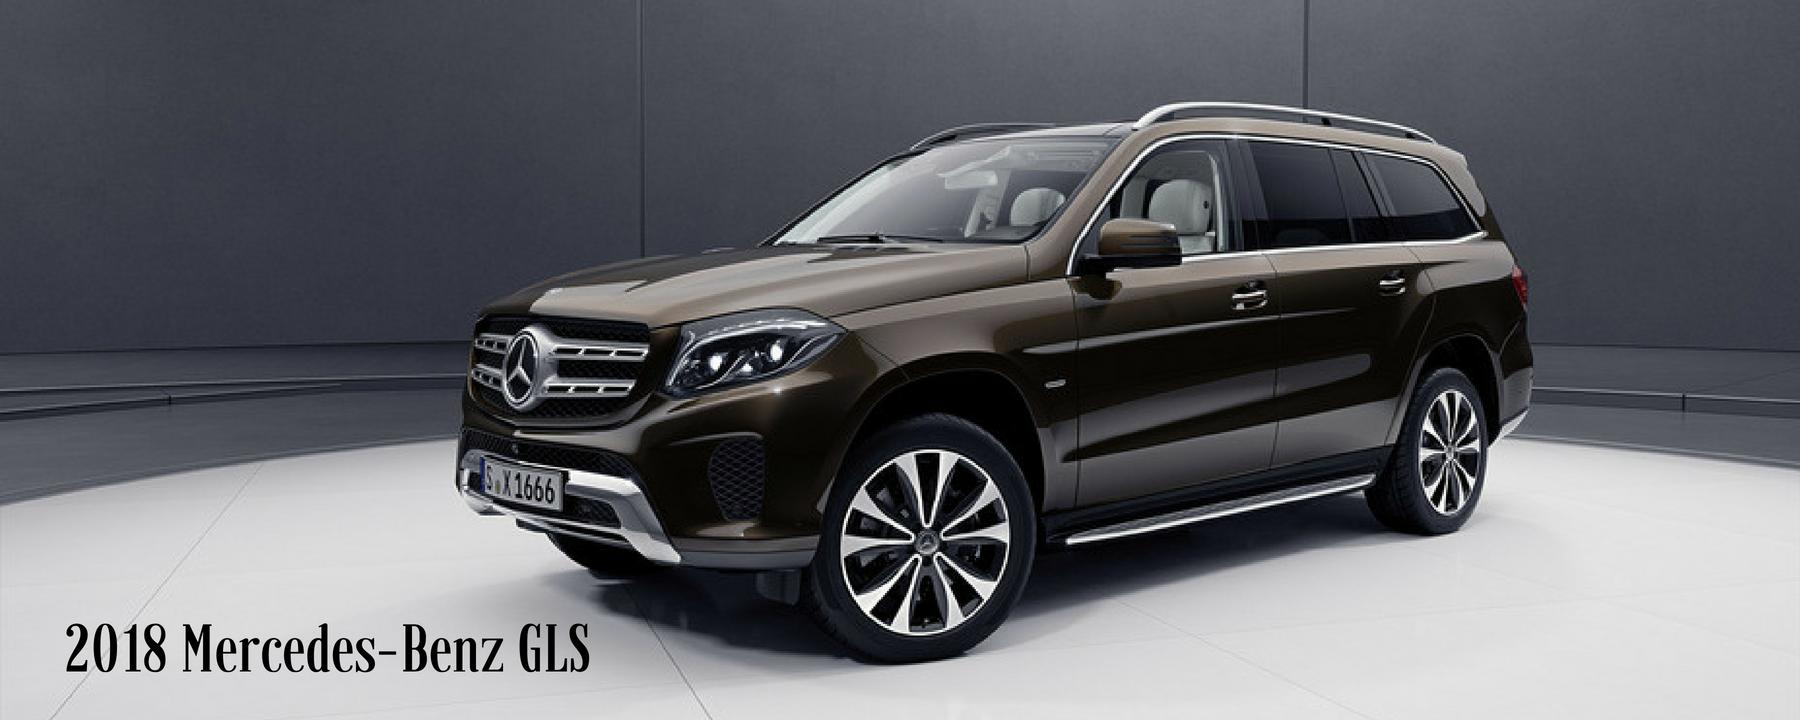 Mercedes-Benz_SUV_GLS